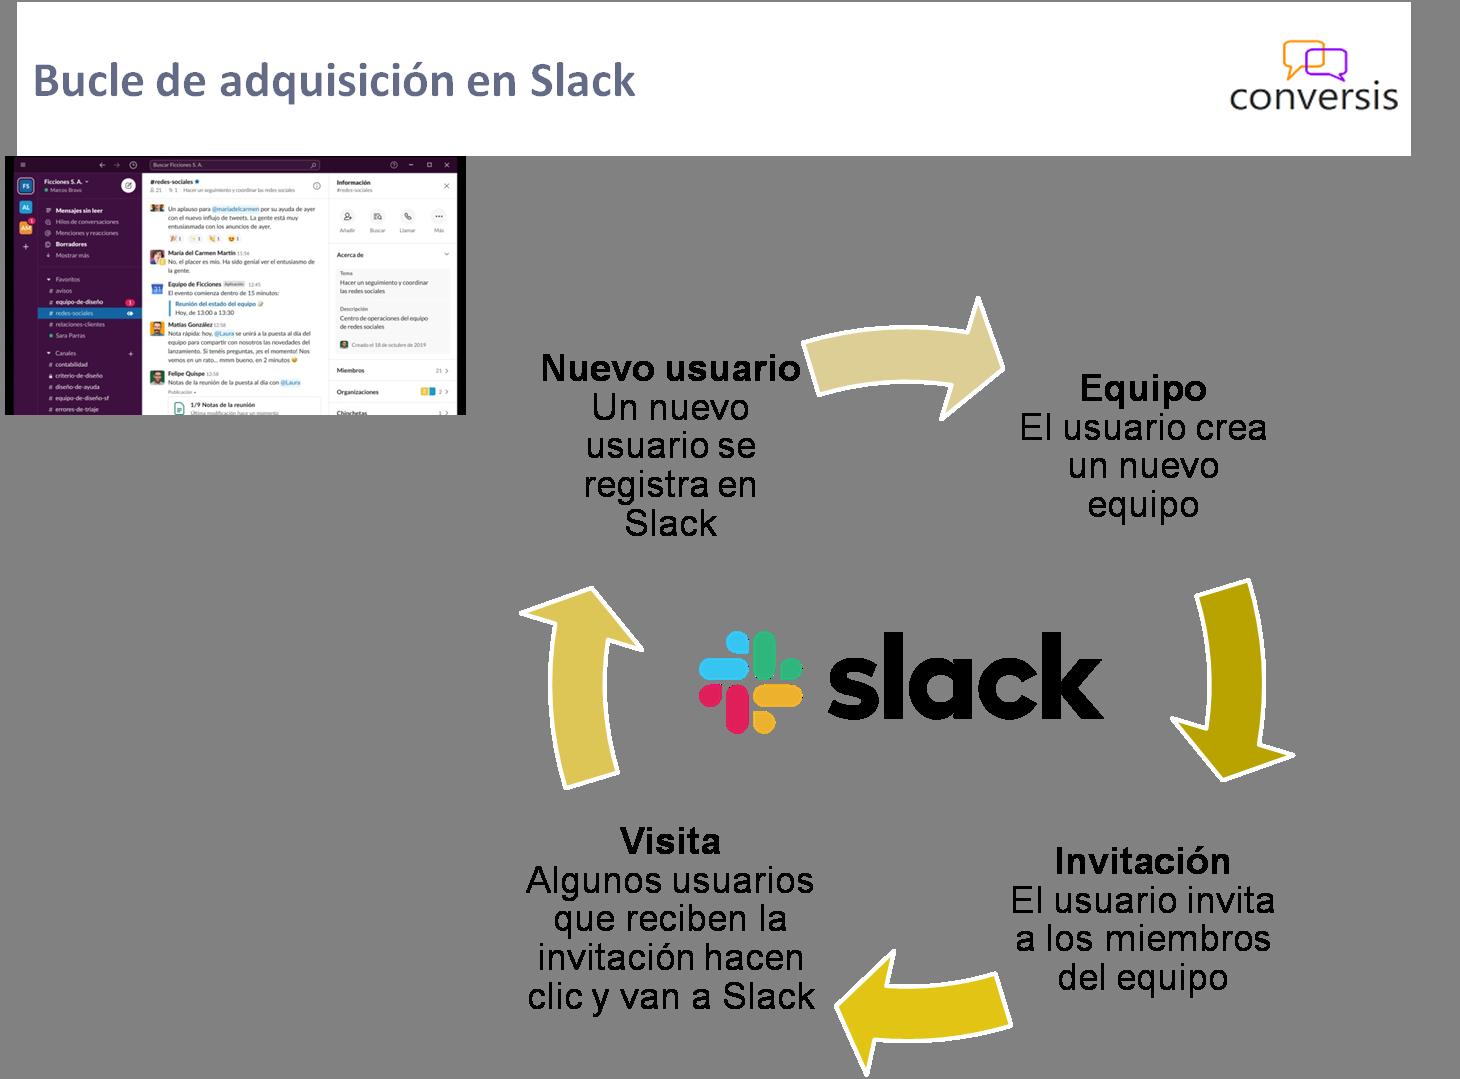 Bucle de adquisición en Slack